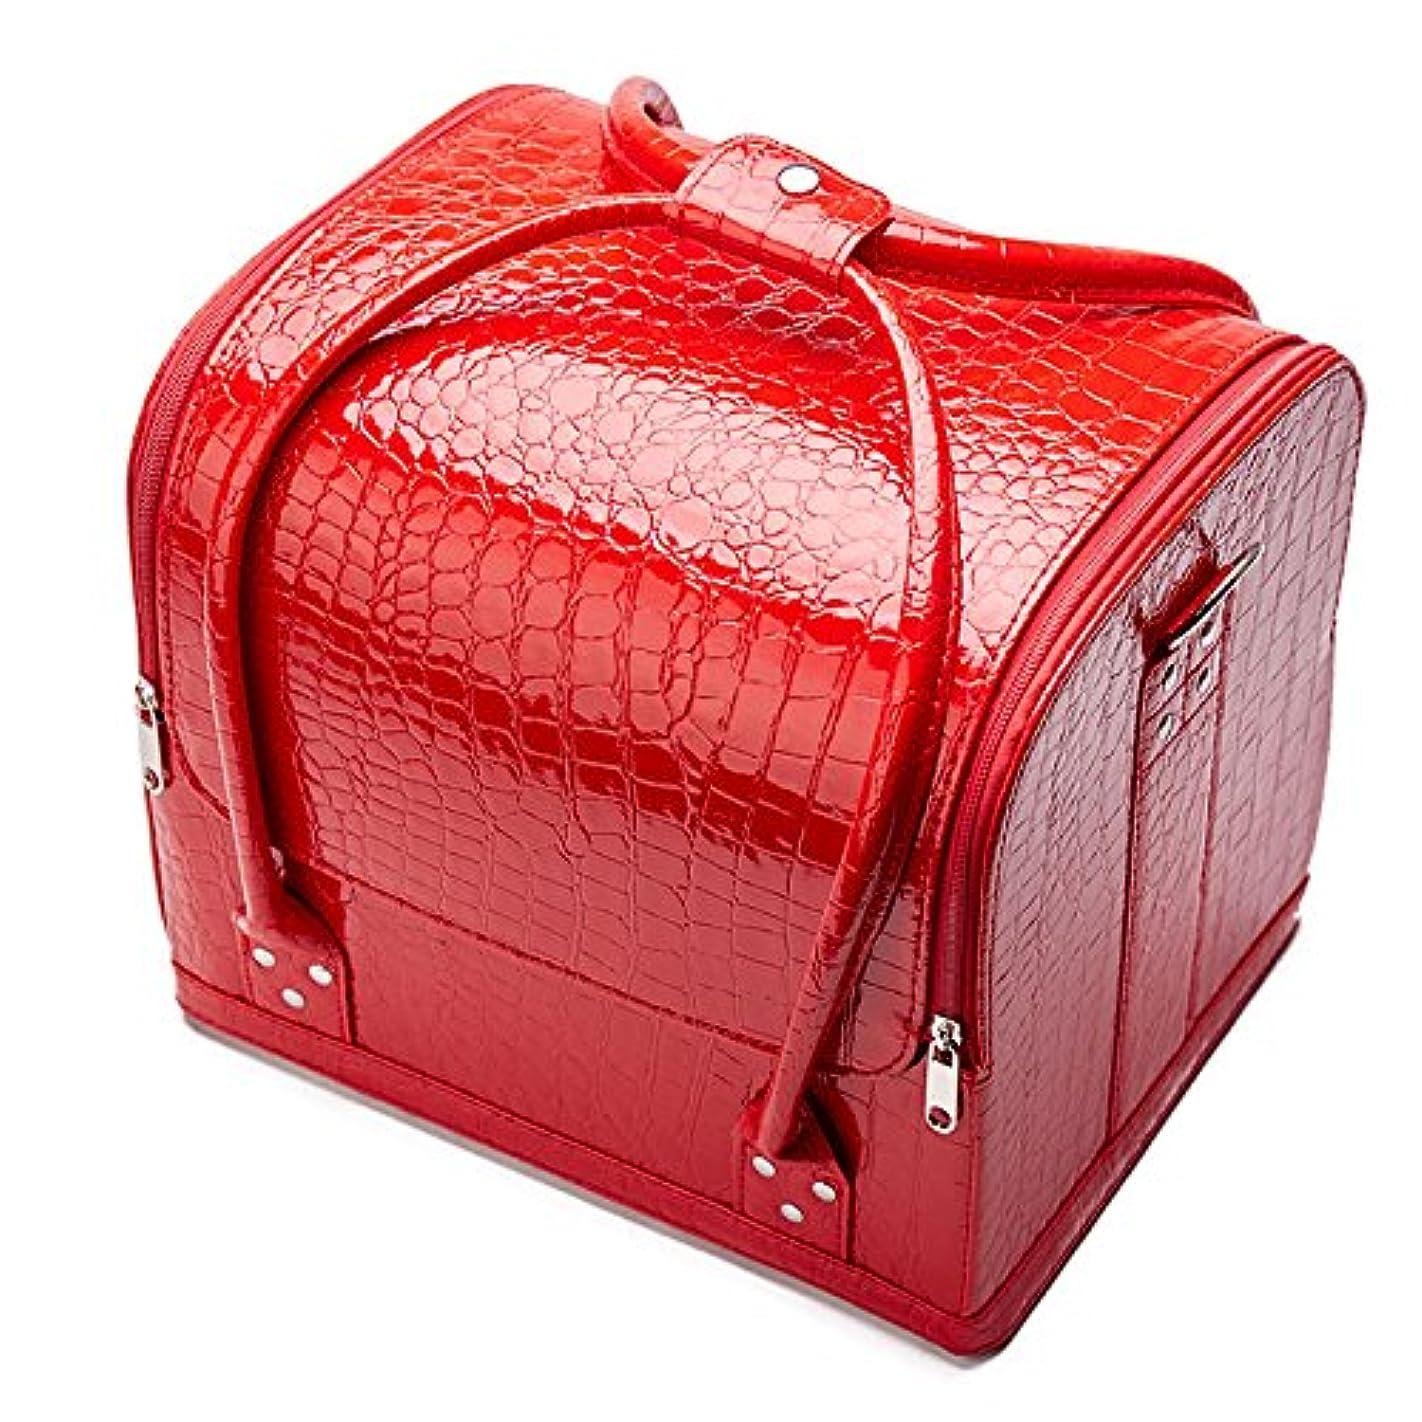 冷える軽減する鉛「XINXIKEJI」メイクボックス コスメボックス ネイルボックス 大容量 防水 洗える 化粧ボックス 肩掛け スプロも納得 収納力抜群 鍵付き オシャレ 祝日プレゼント 取っ手付 コスメBOXレッド